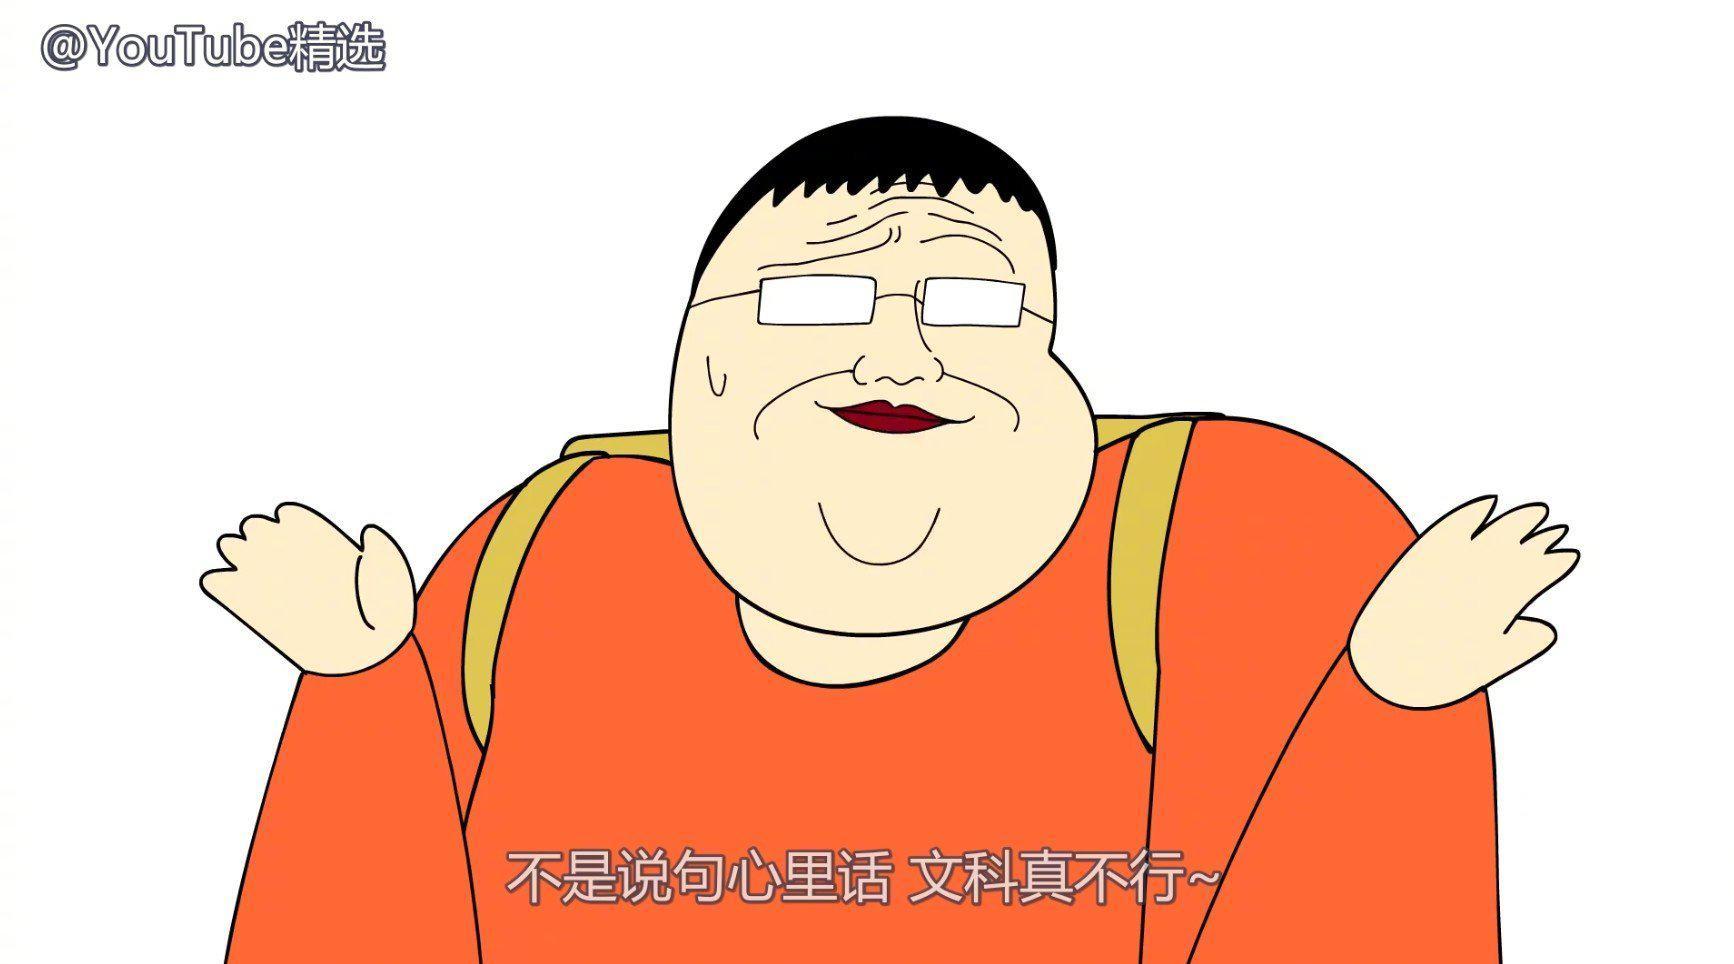 韩国搞笑动画:文科、理科谁更高级?